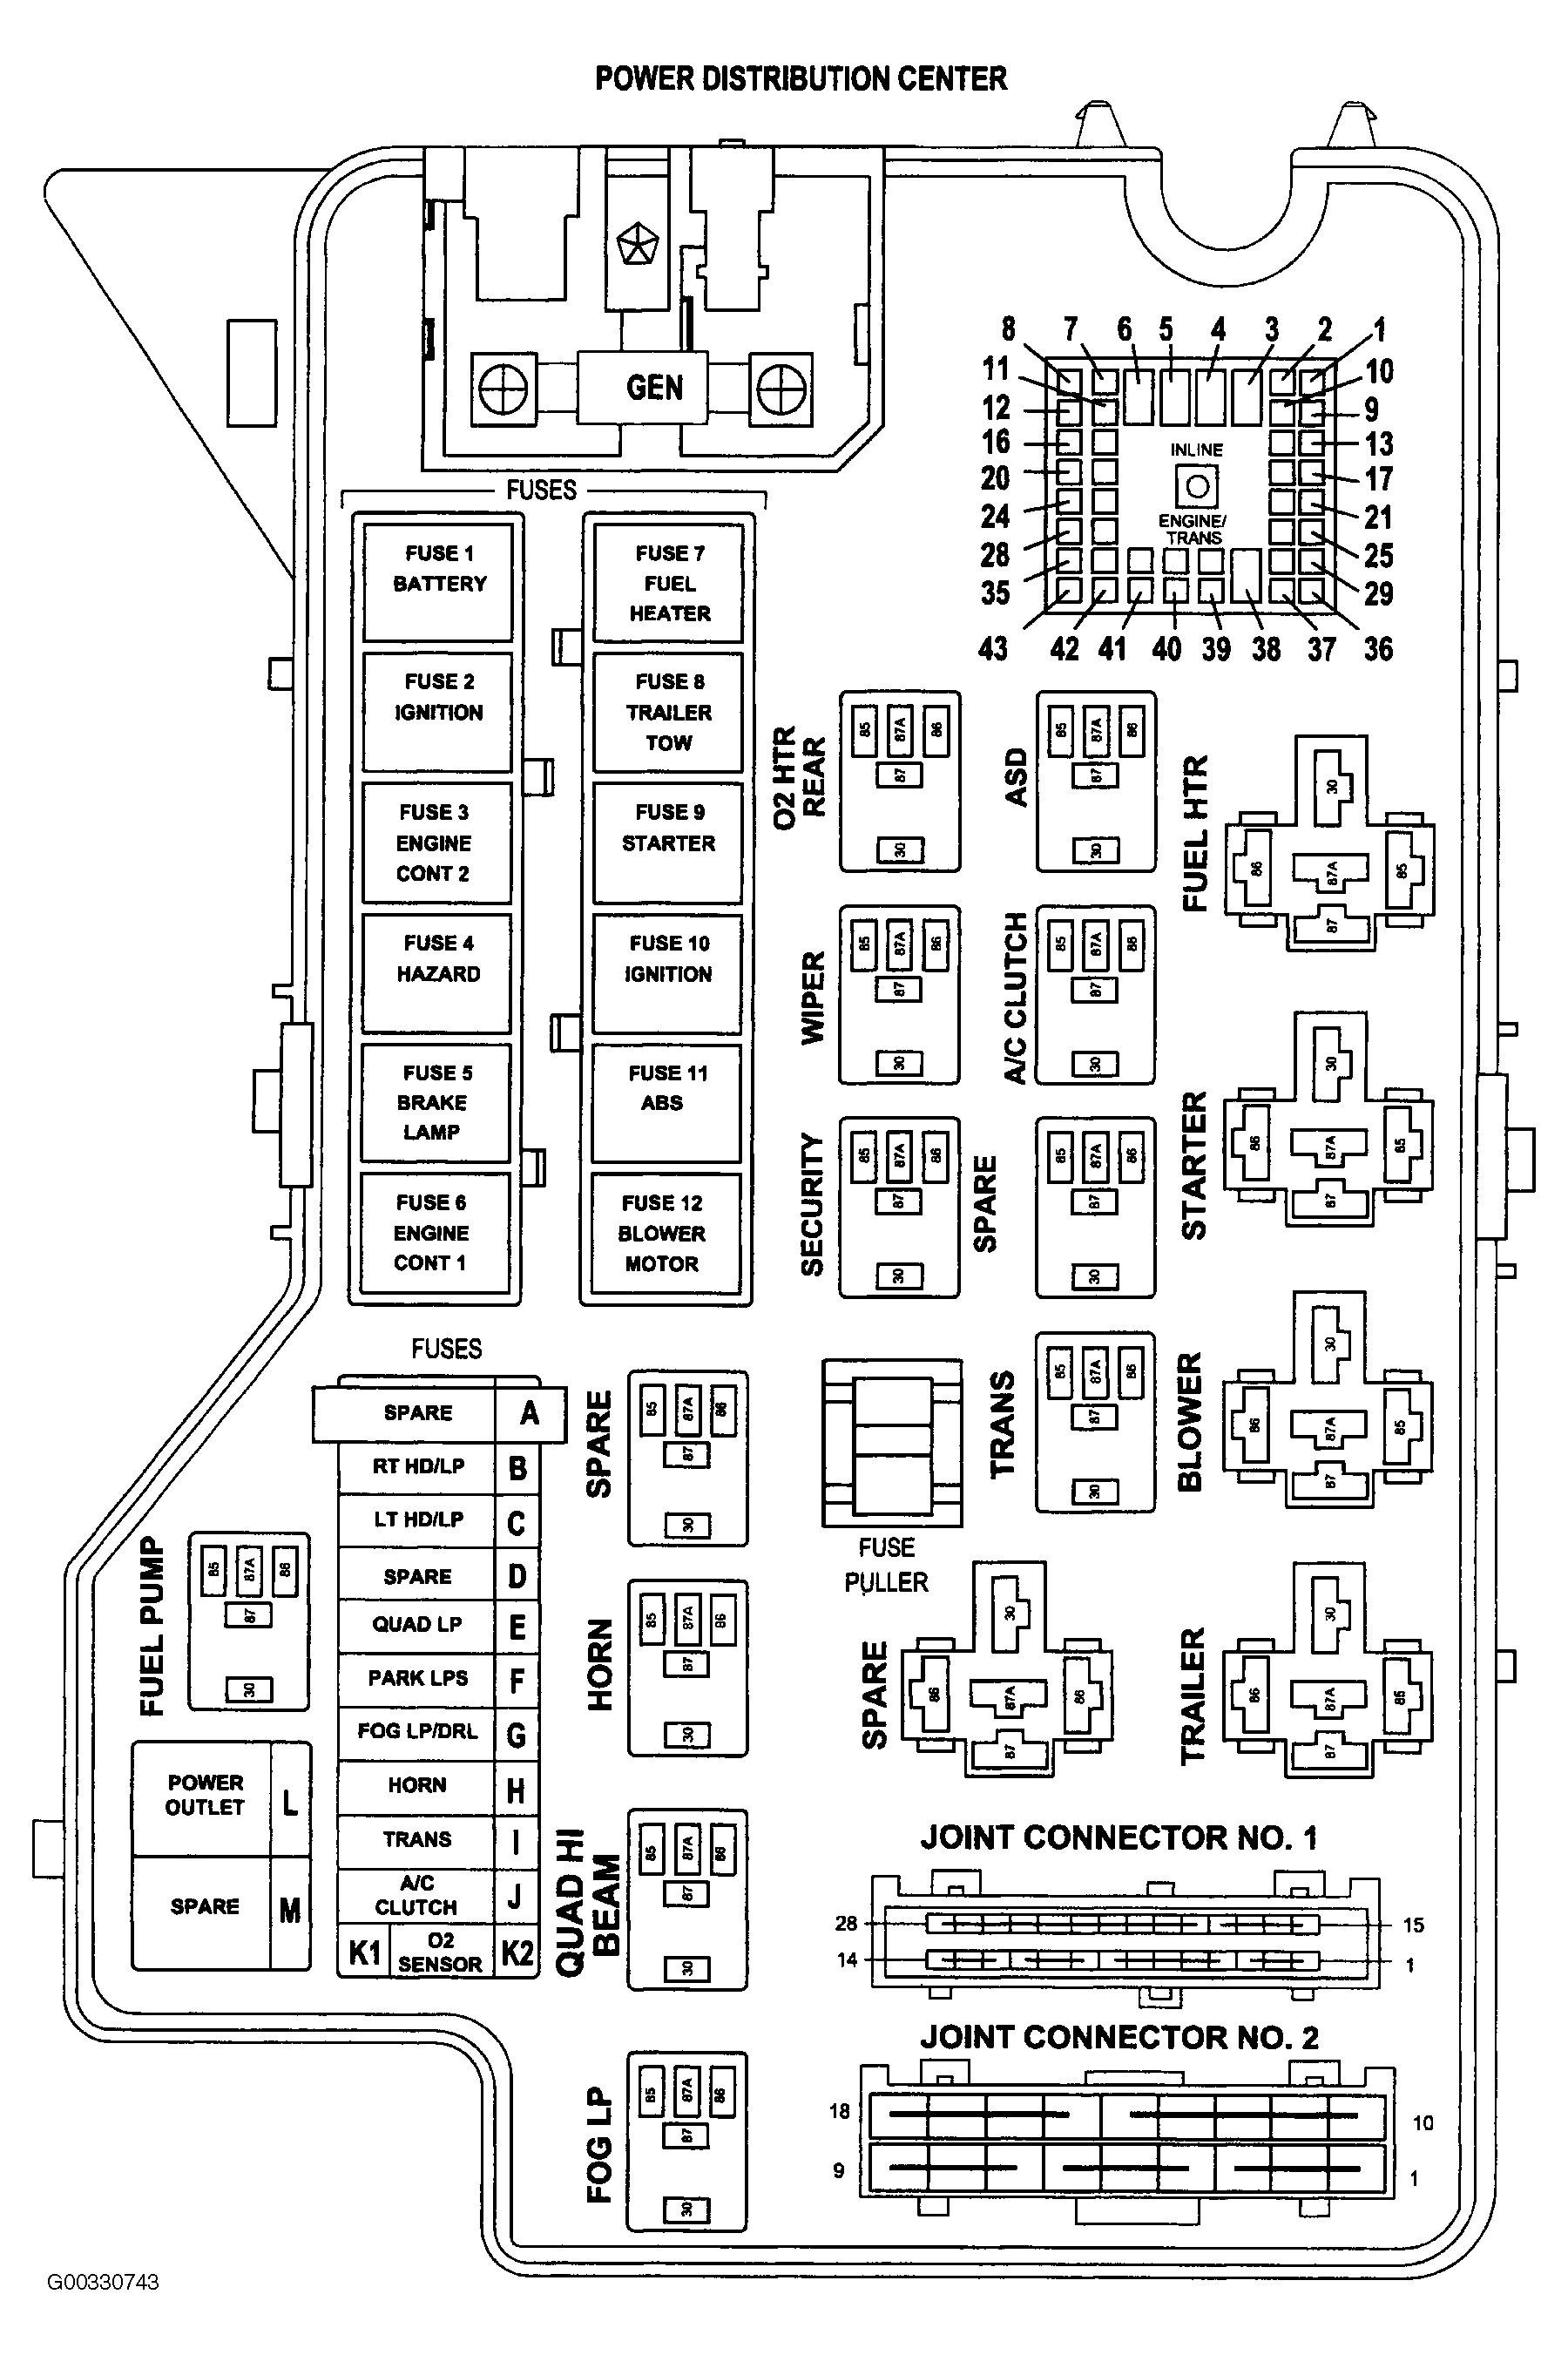 3ni8n Own Dodge Ram 3500 Turbo Diesel Cummings 24 Valve Problem Wiring Diagram